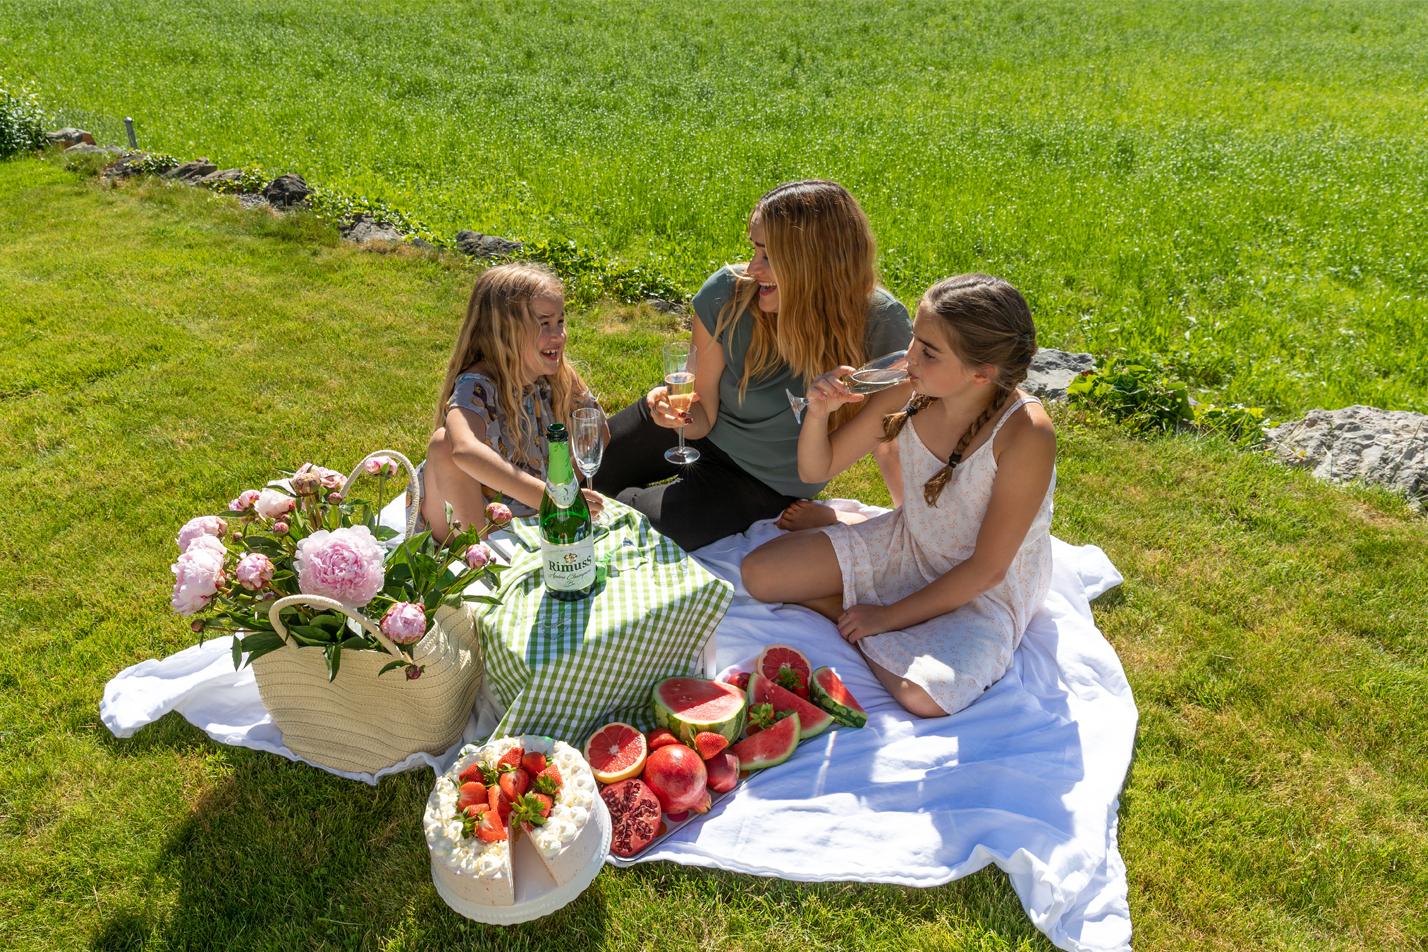 Rimuss Picknick im Freien mit Torte, Wassermelone, Erdbeeren und Rimuss Champion